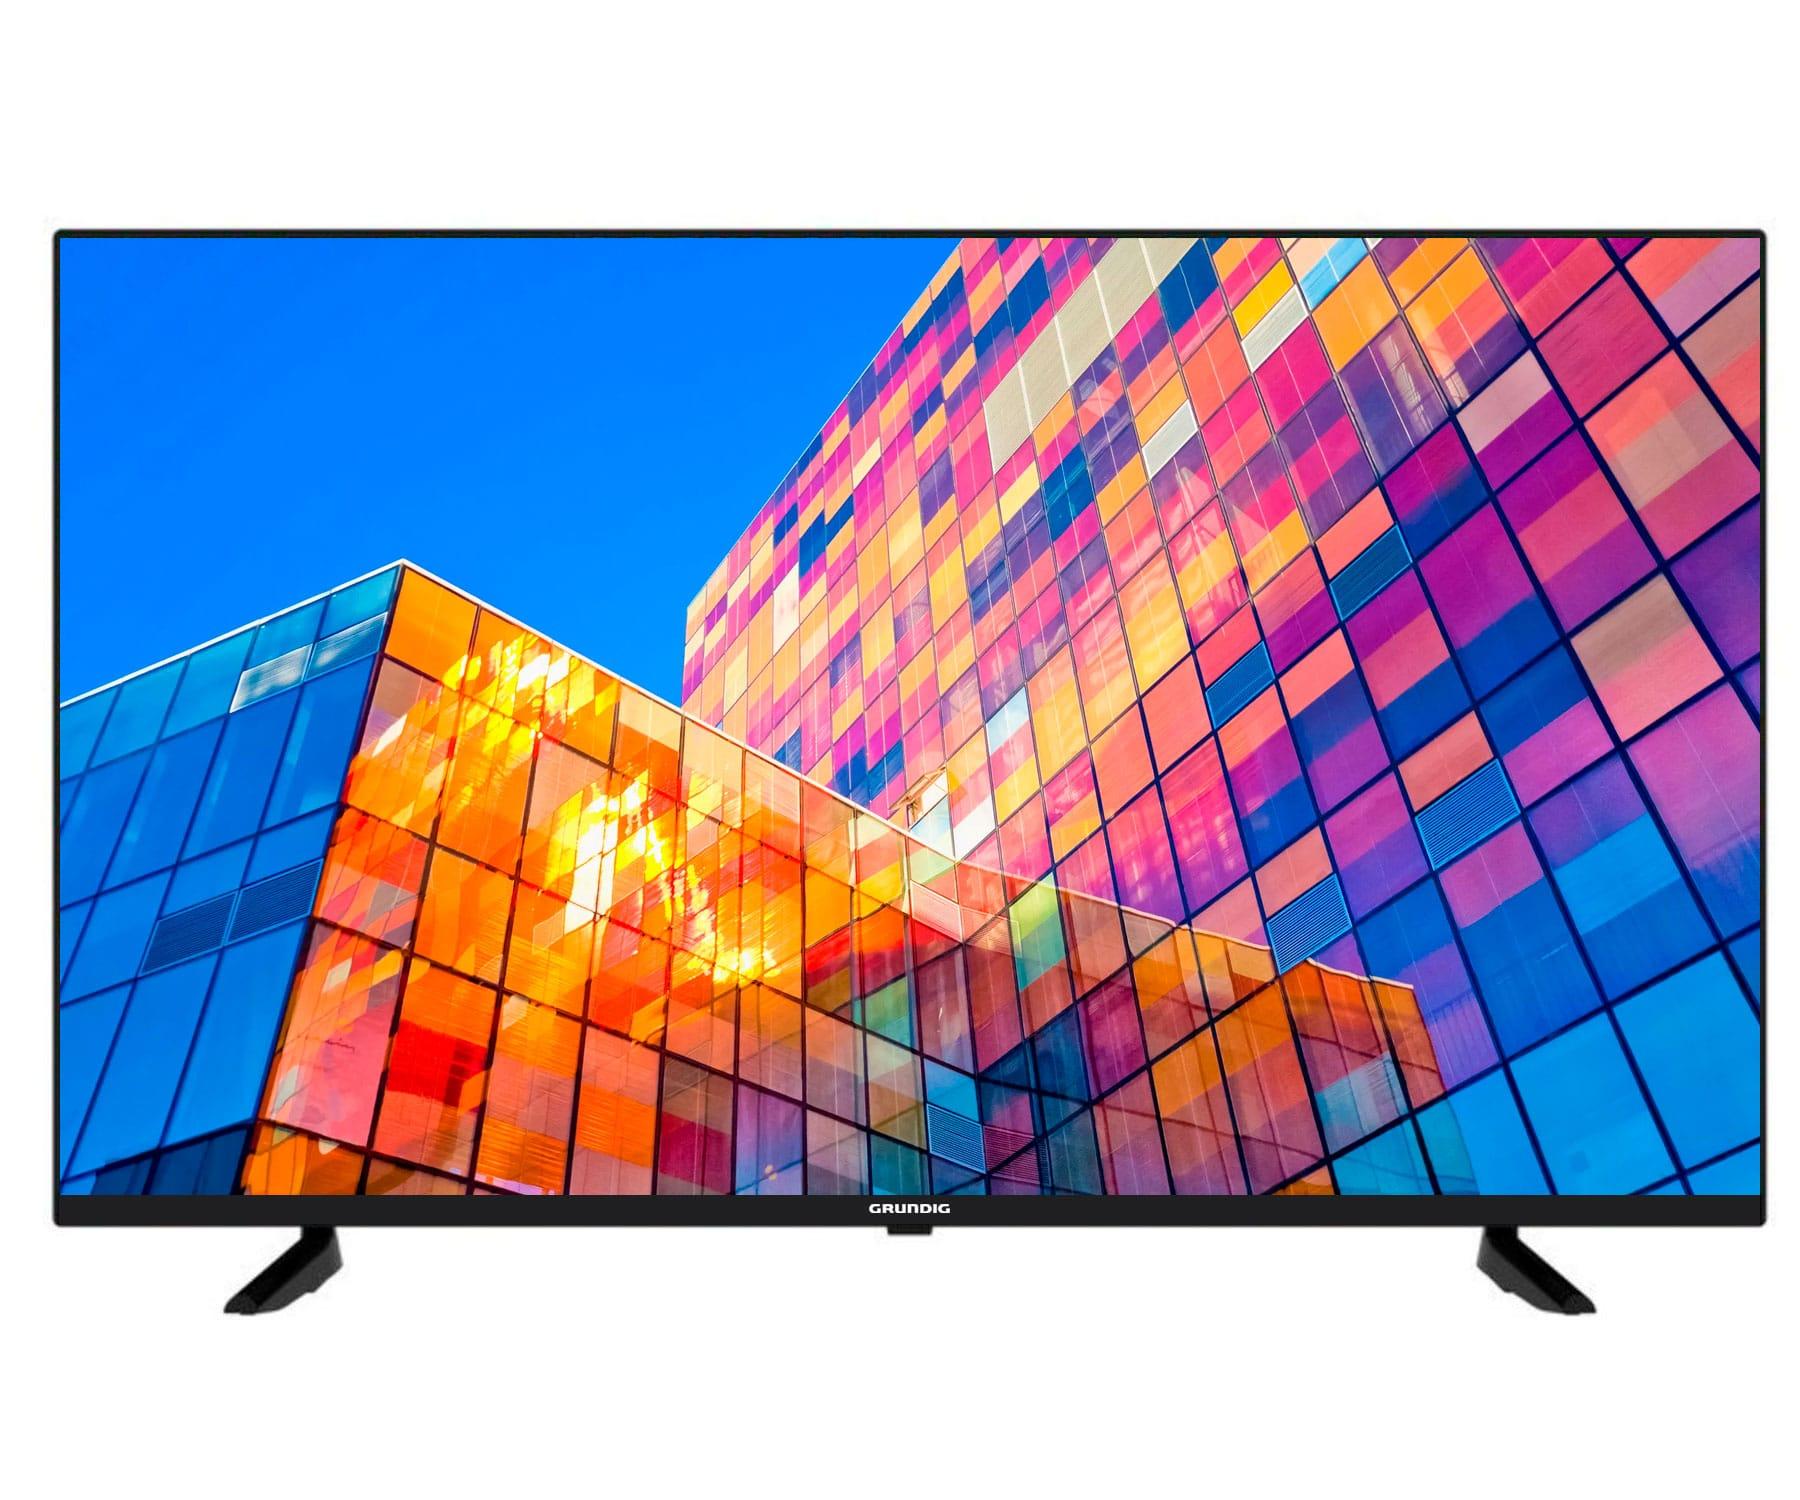 GRUNDIG 43GFU7800B TELEVISOR SMART TV 43'' UHD 4K HDR